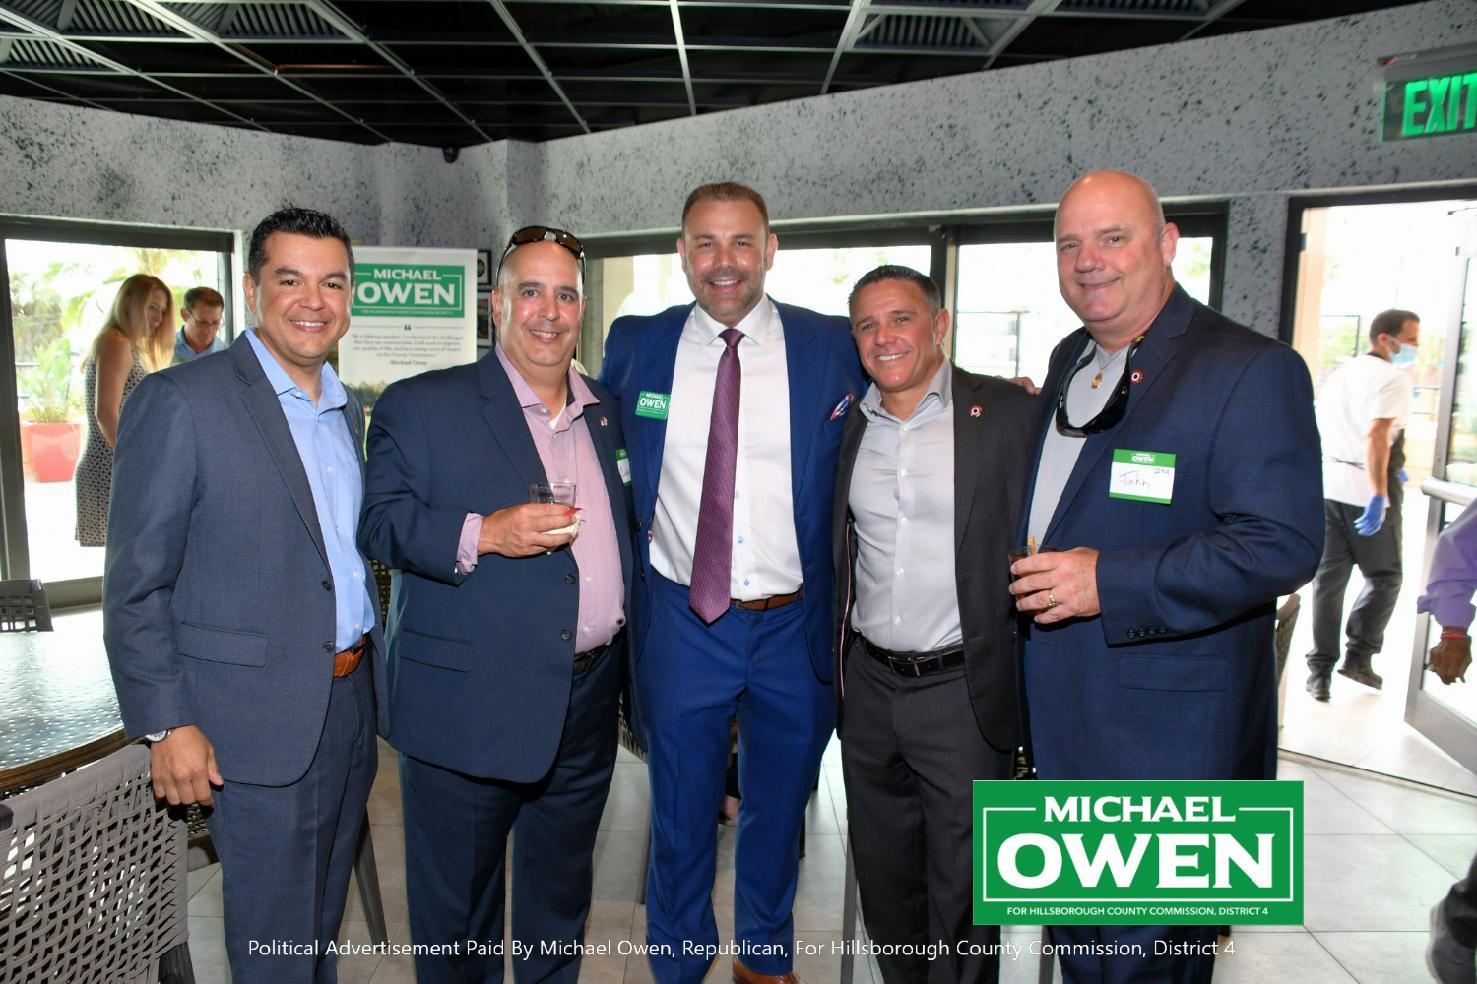 Mike Owen Campaign